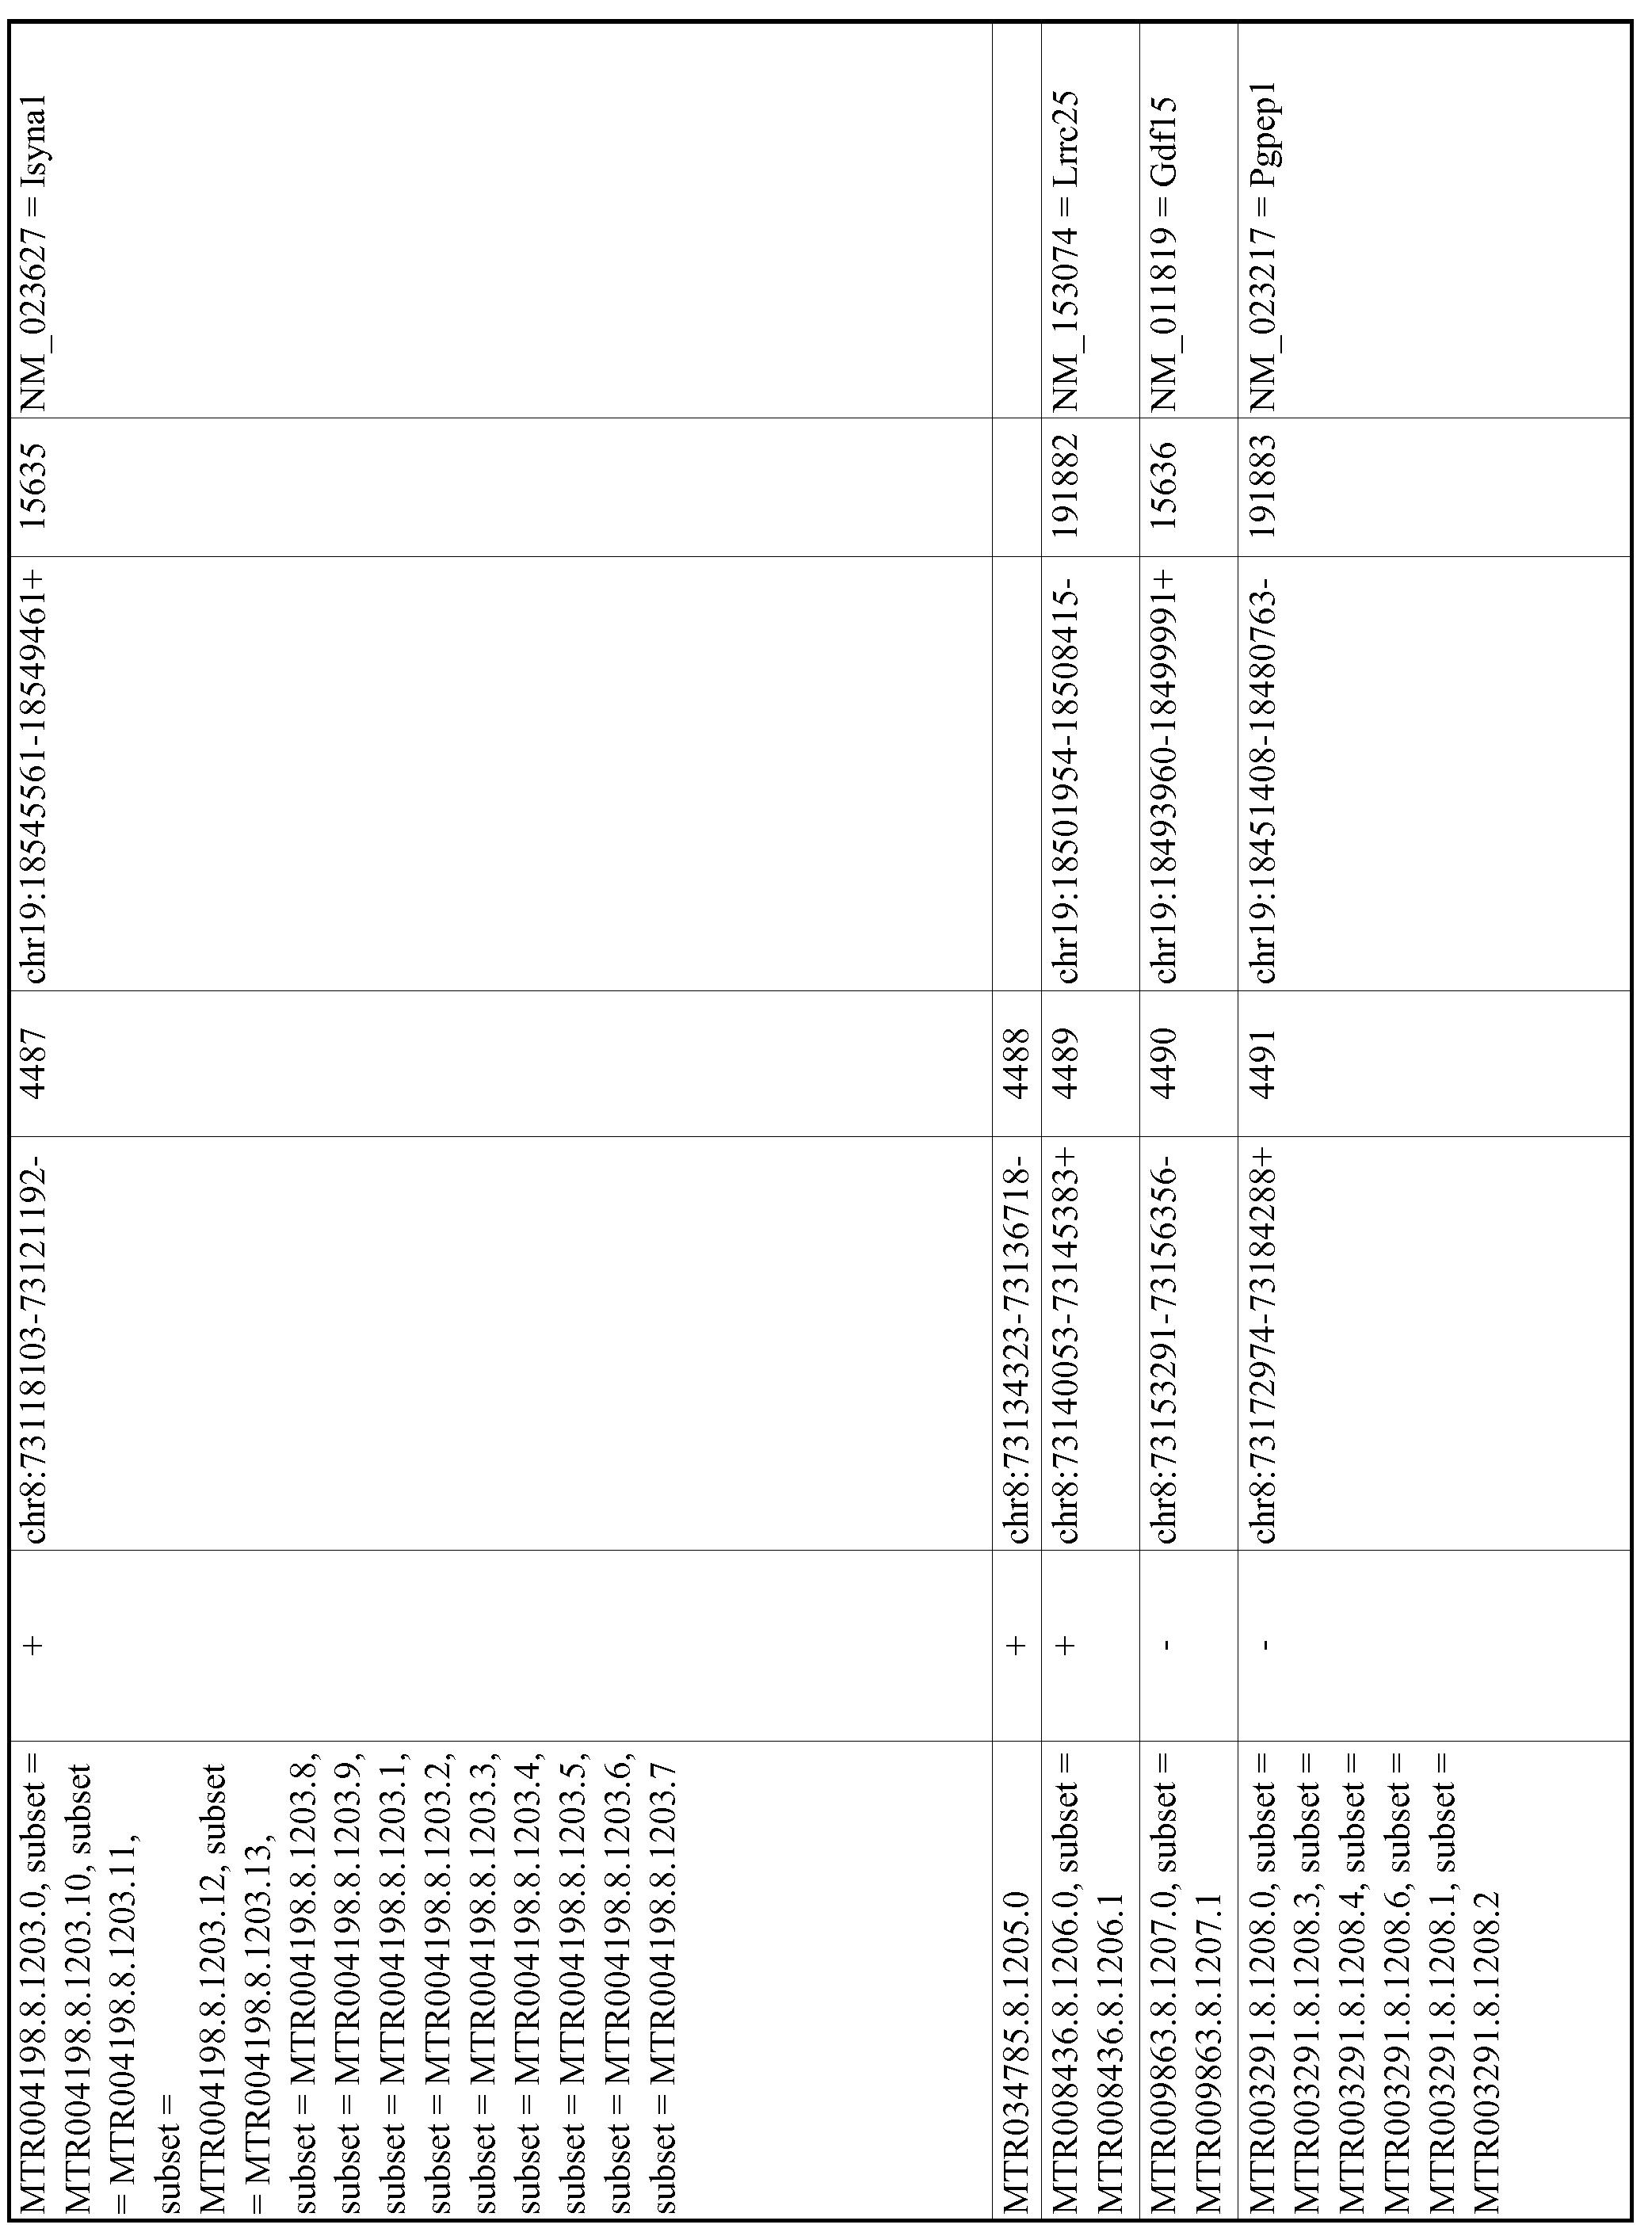 Figure imgf000834_0001